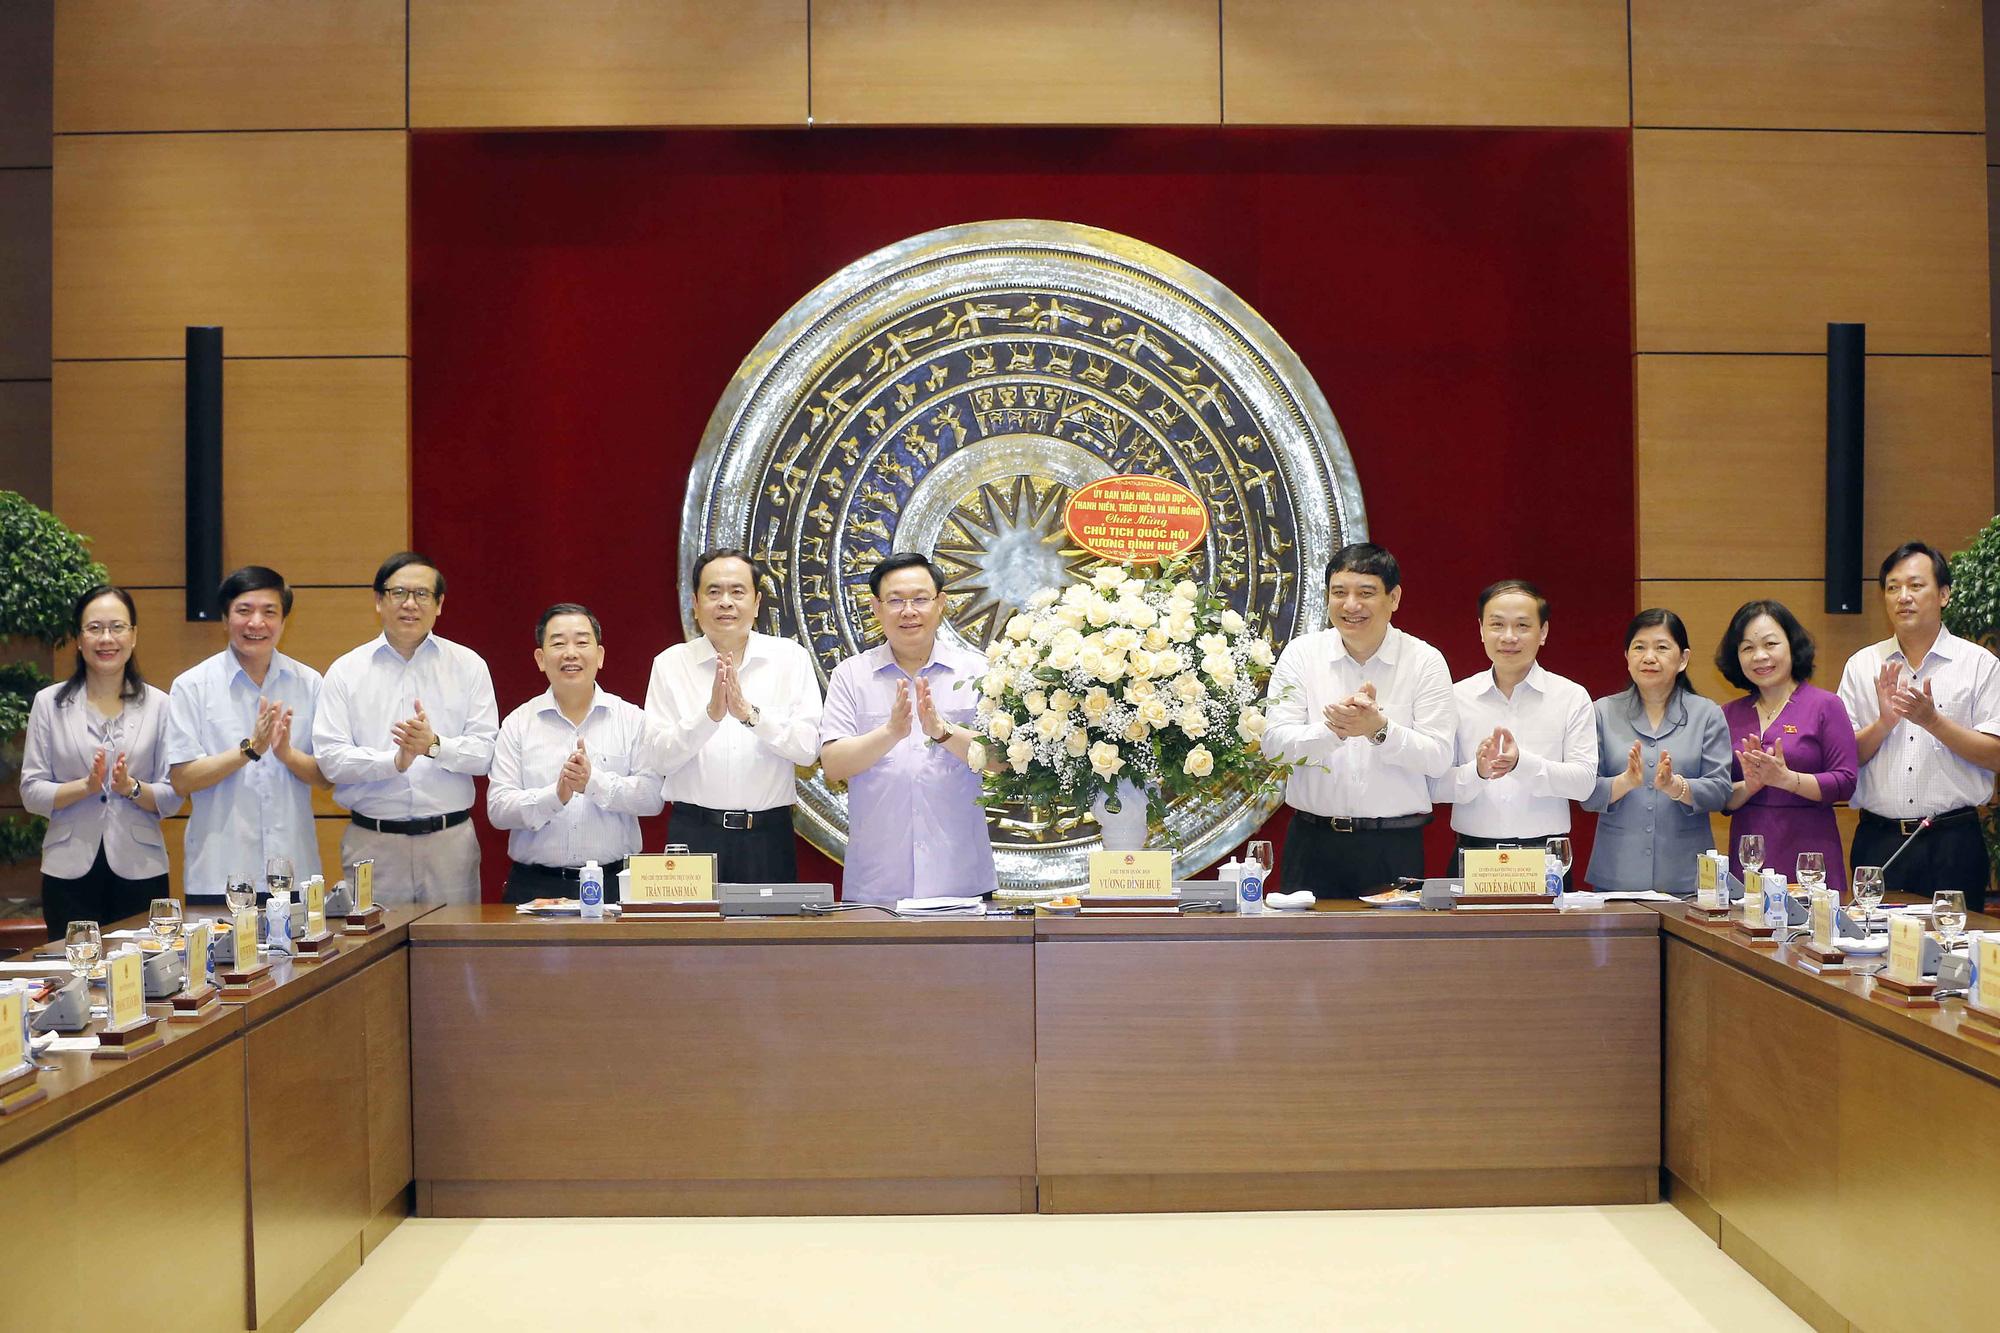 Chủ tịch Quốc hội Vương Đình Huệ: Chống lạm quyền trong thực hiện giám sát  - Ảnh 2.